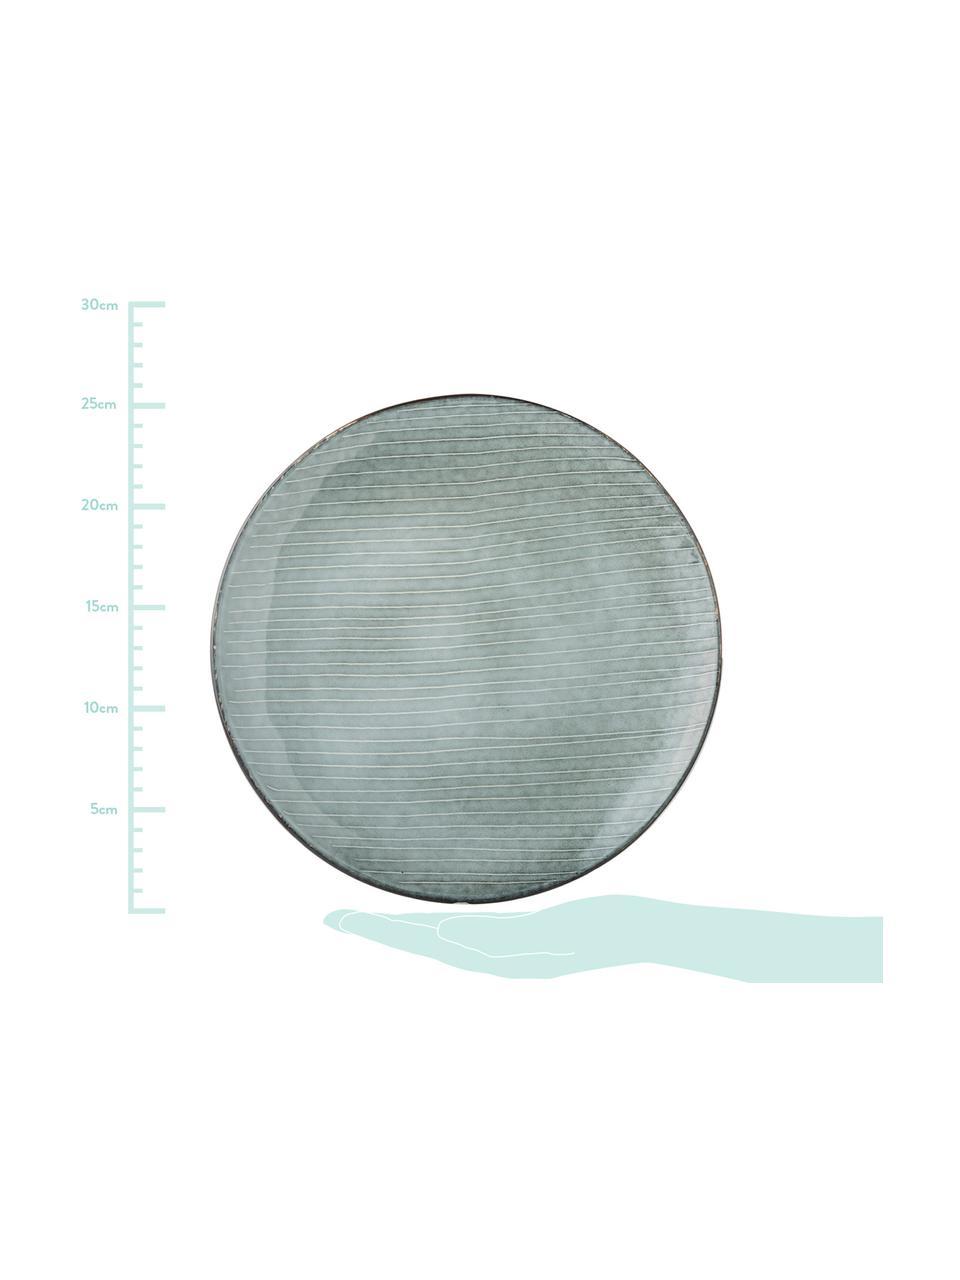 Piatto piano in gres fatto a mano Nordic Sea 4 pz, Gres, Grigio- e tonalità blu, Ø 26 cm